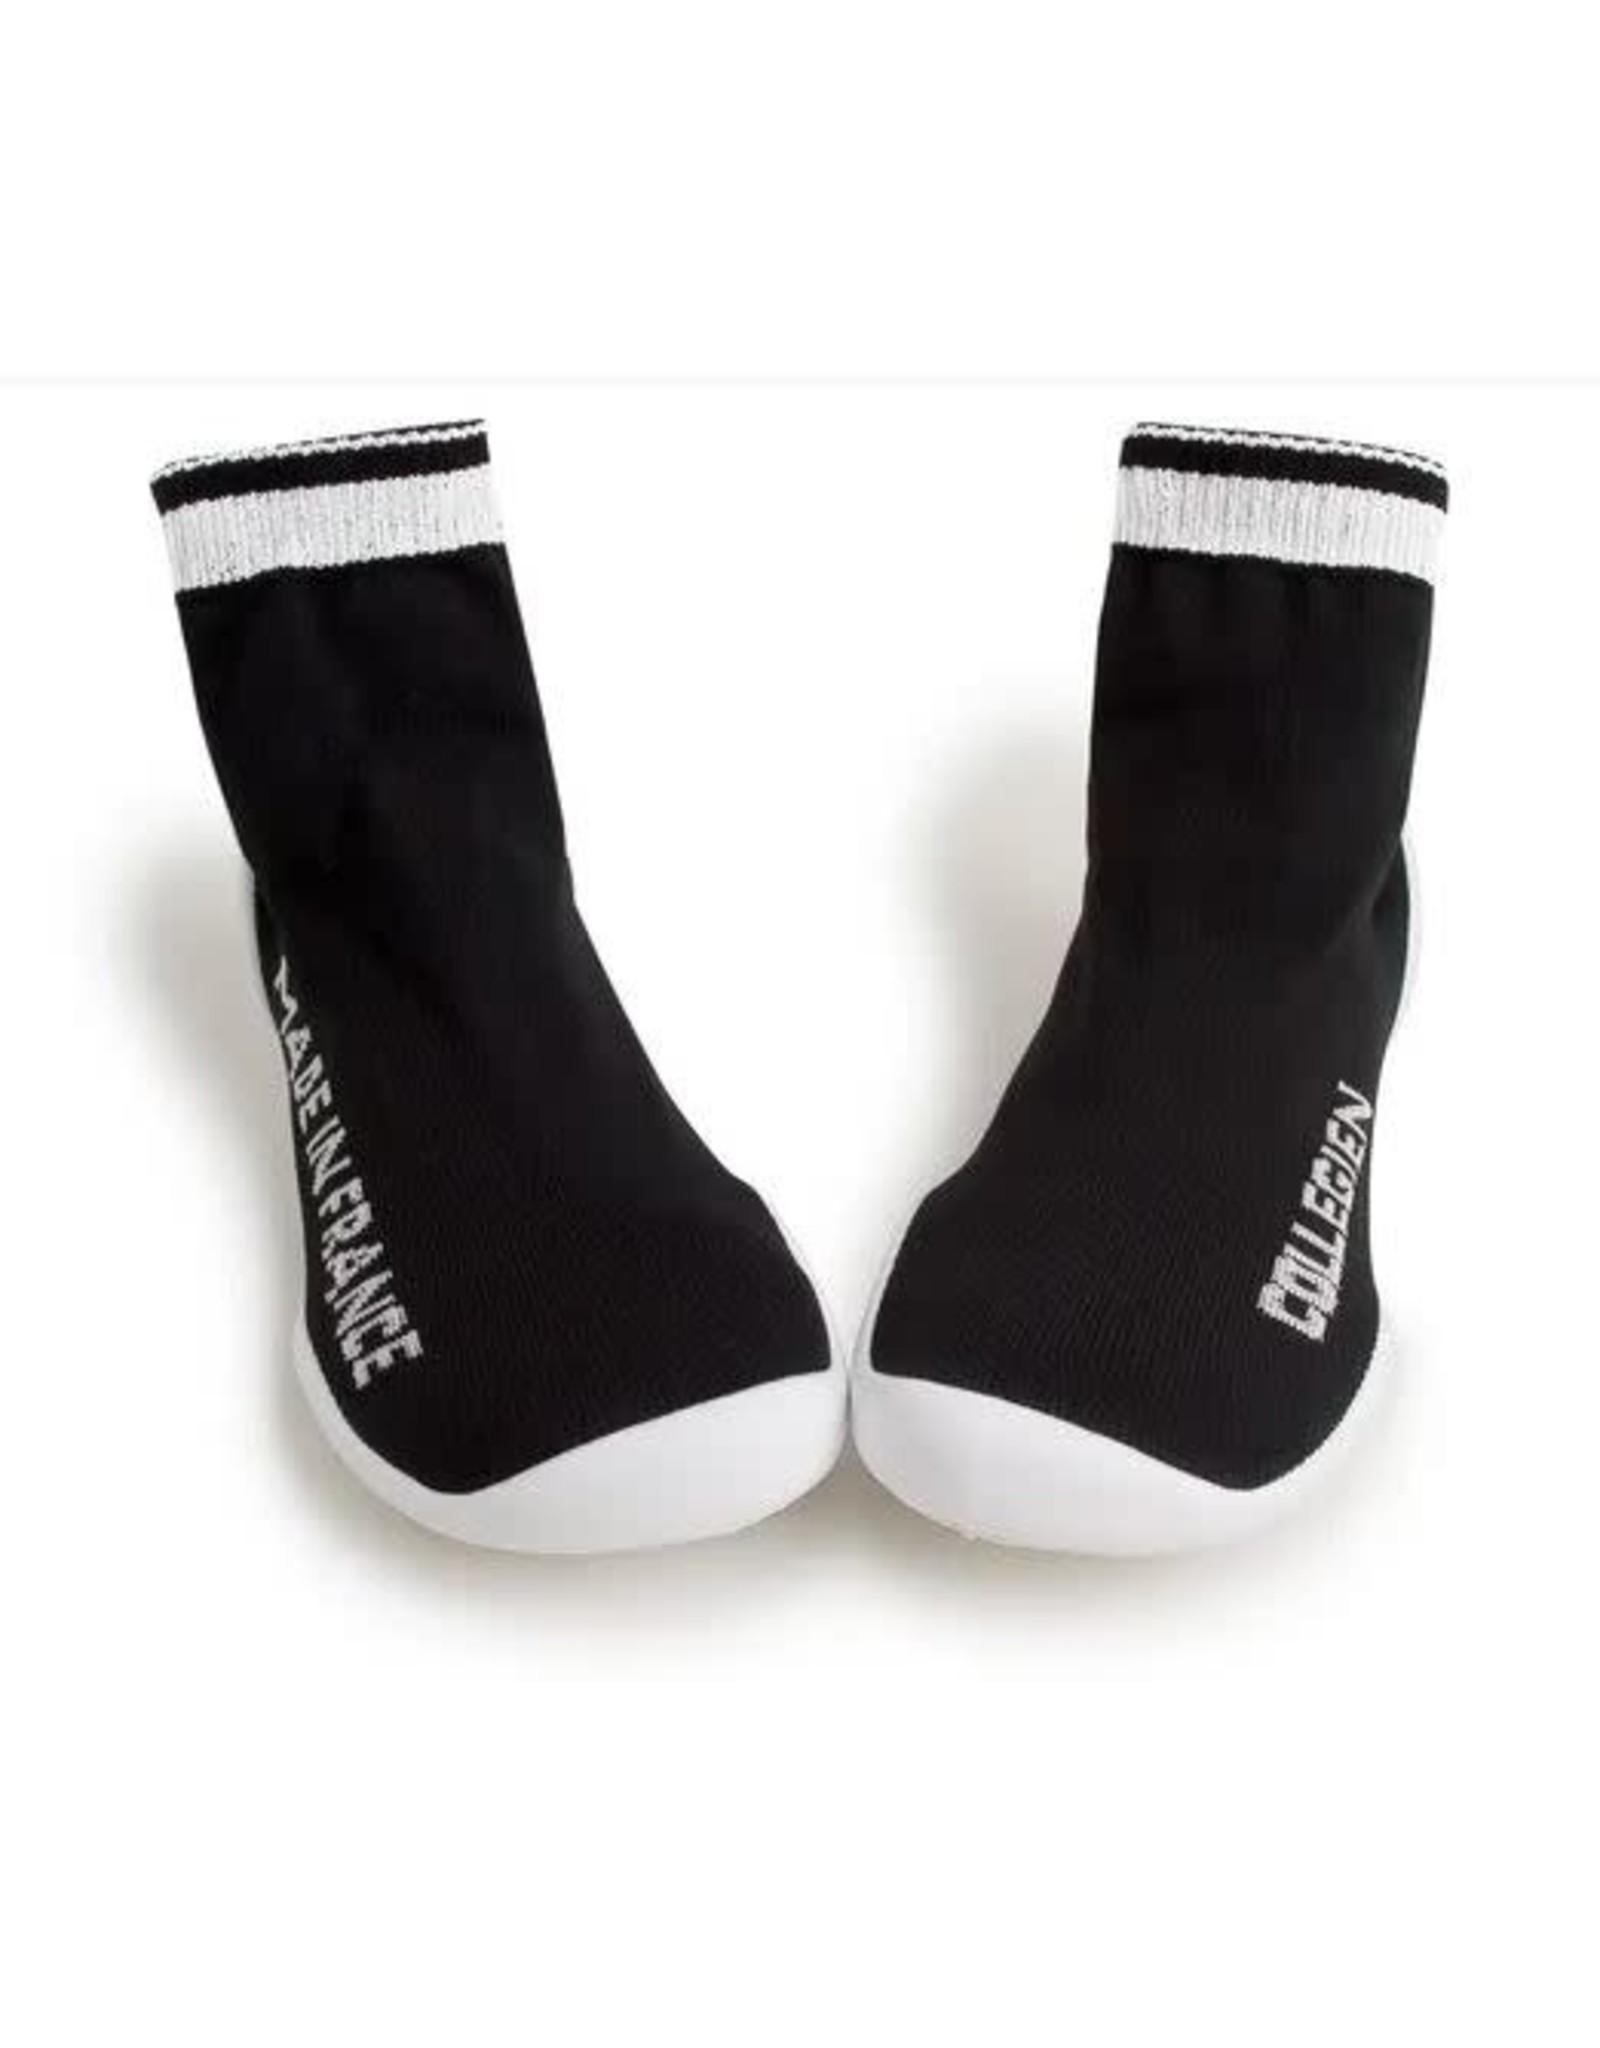 Collégien pantoffel black/white